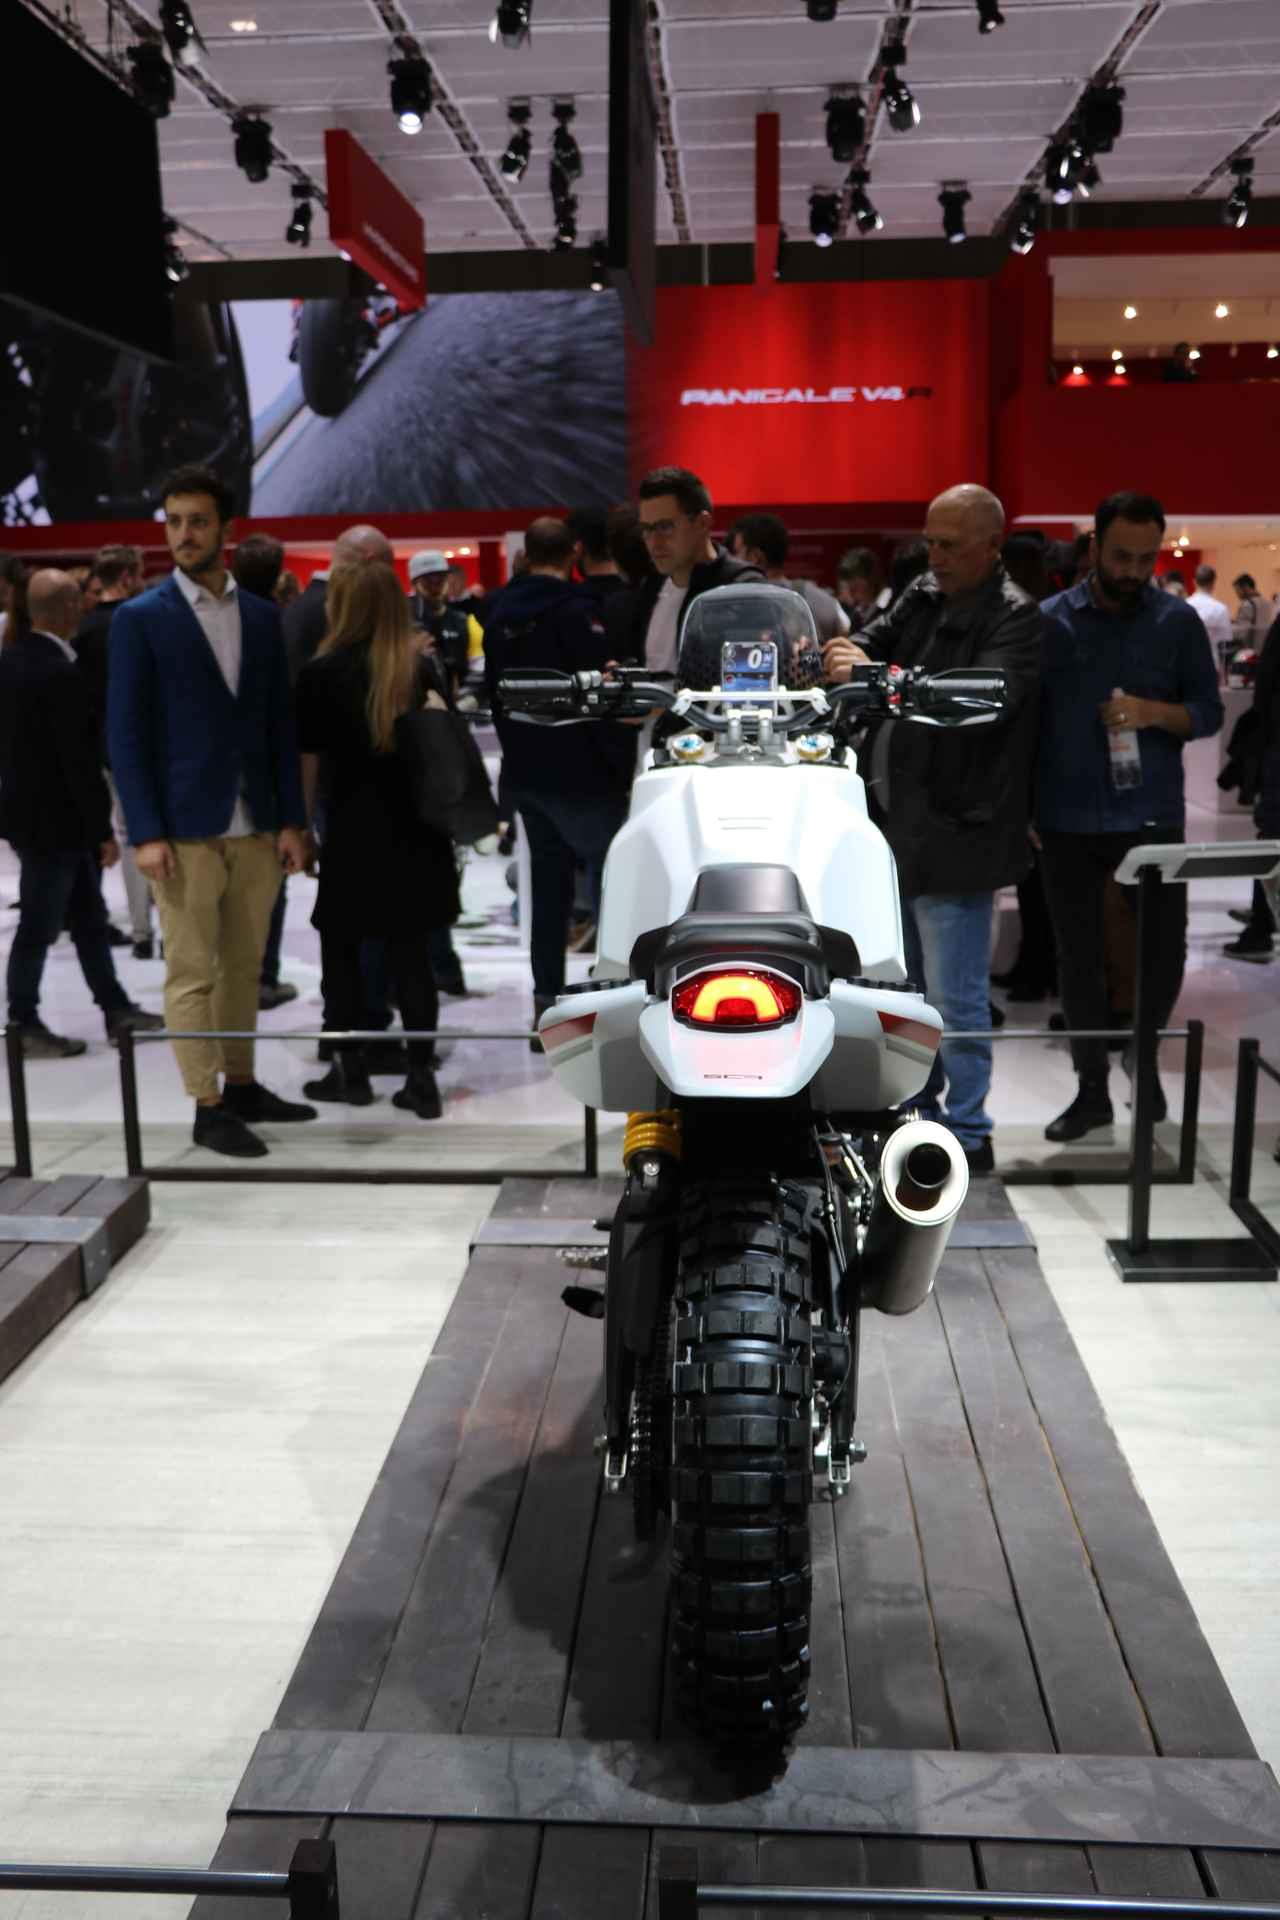 Images : 3番目の画像 - スクランブラー デザートXの写真を見る! - webオートバイ